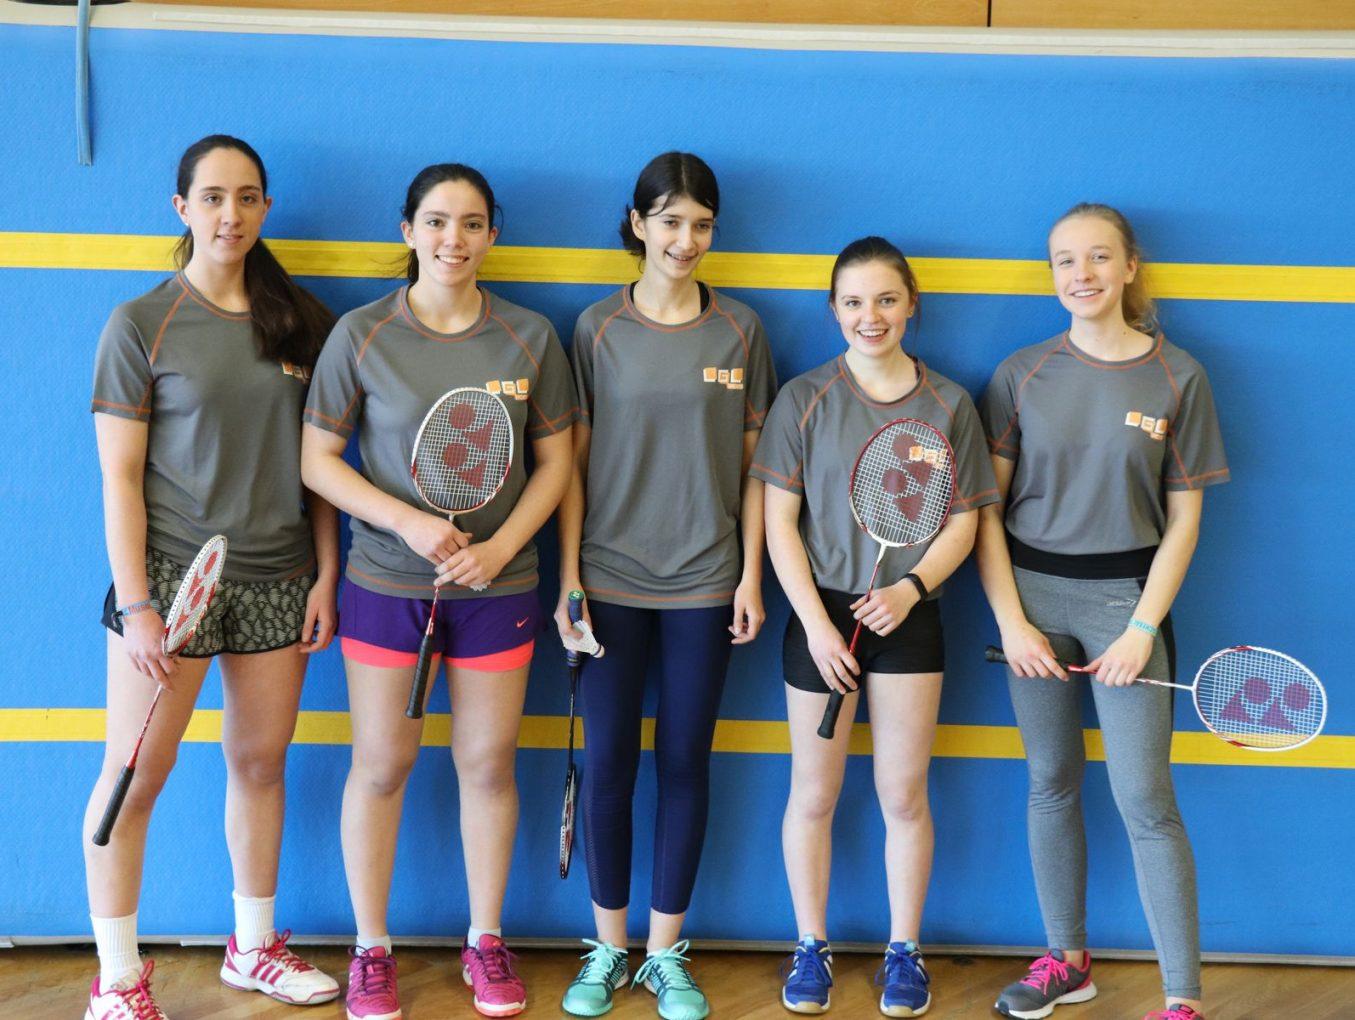 LASEL - Compétitions du 22/02/2018 - Badminton